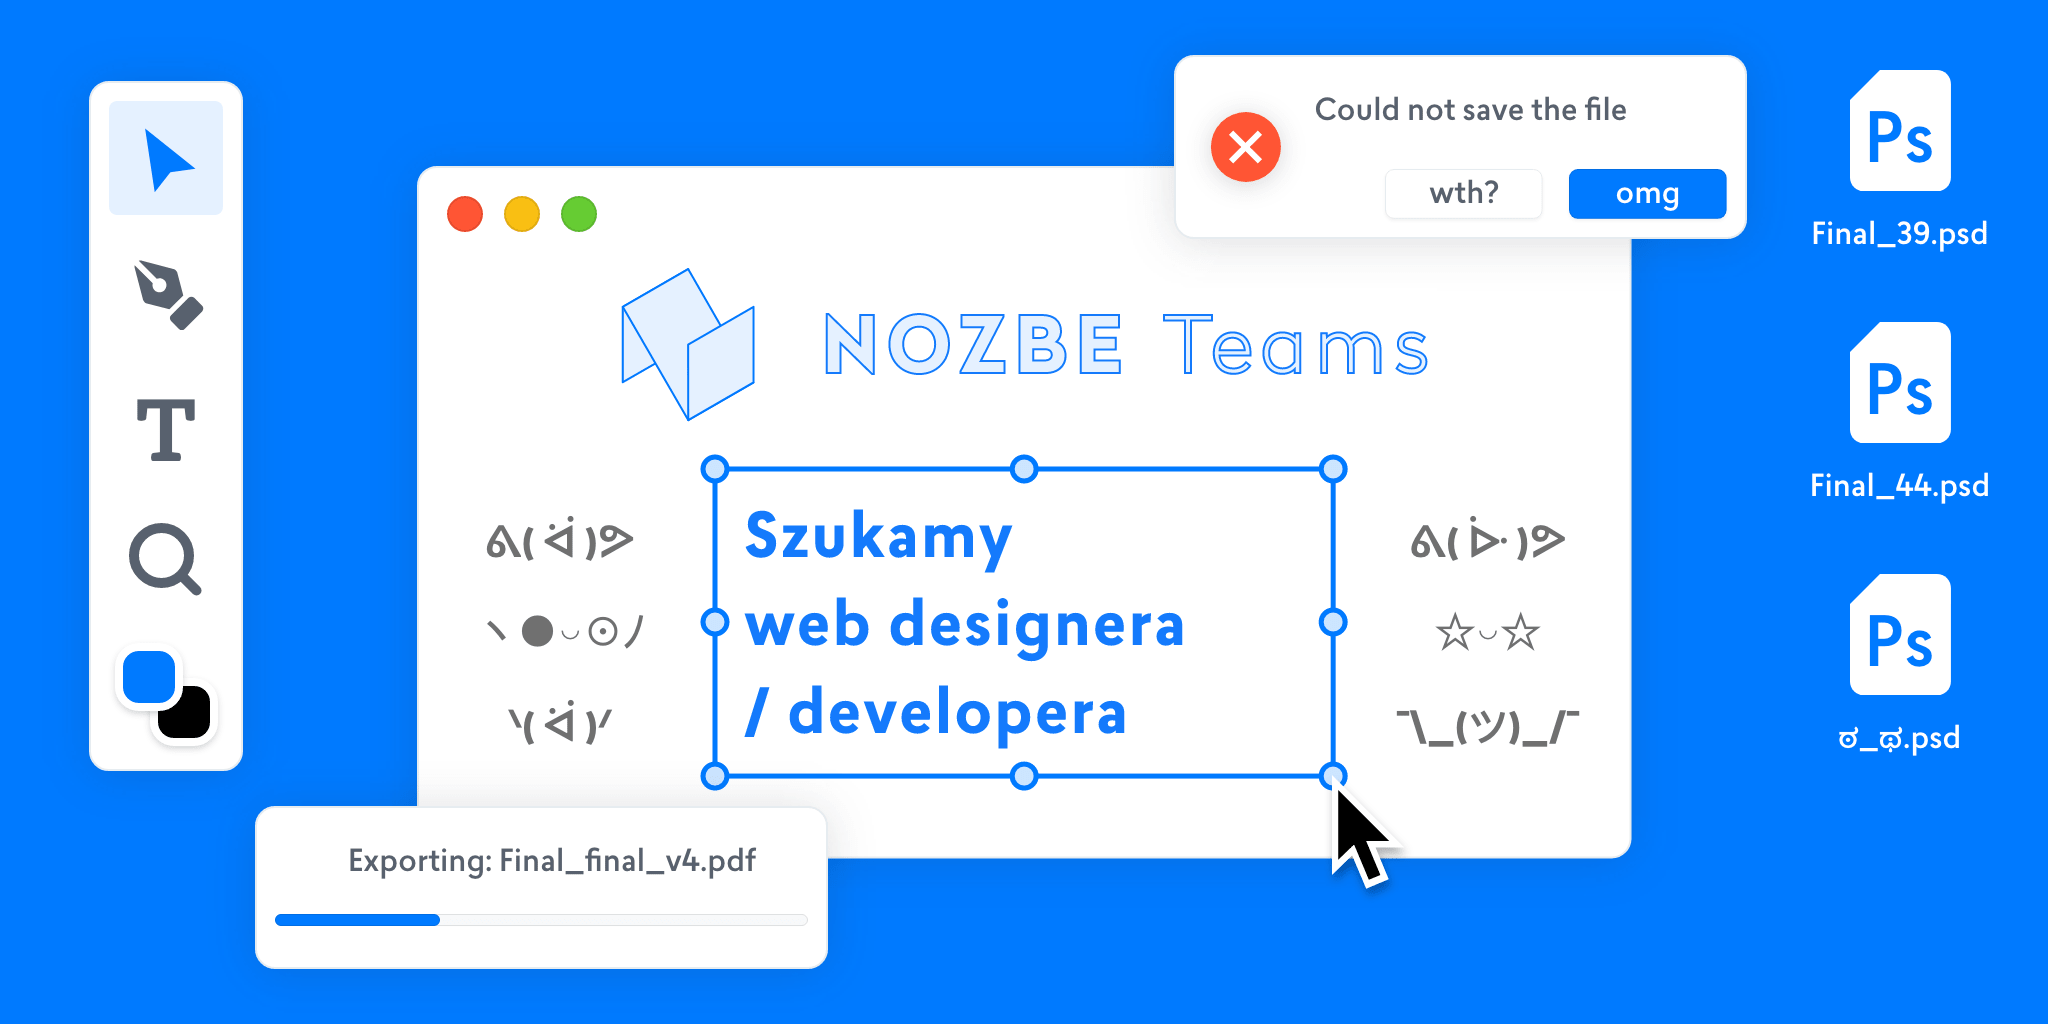 Praca dla web designera i developera w jednej osobie